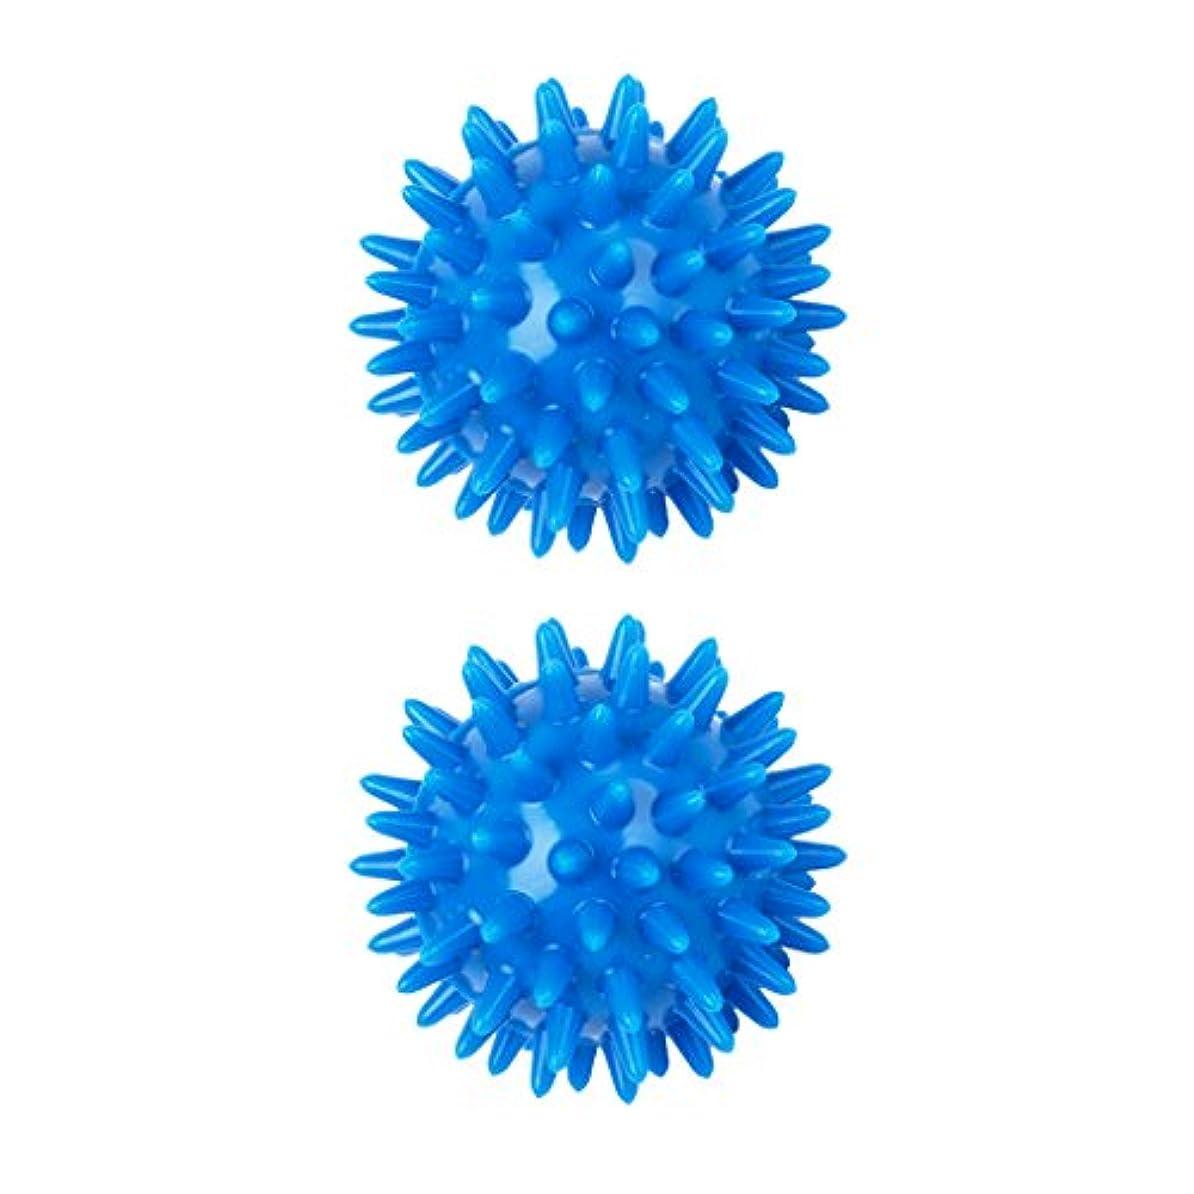 より良いインタフェースセクタsharprepublic 2個 足 足首 背中 マッサージボール 筋肉緊張和らげ 血液循環促進 5.5cm PVC製 ブルー